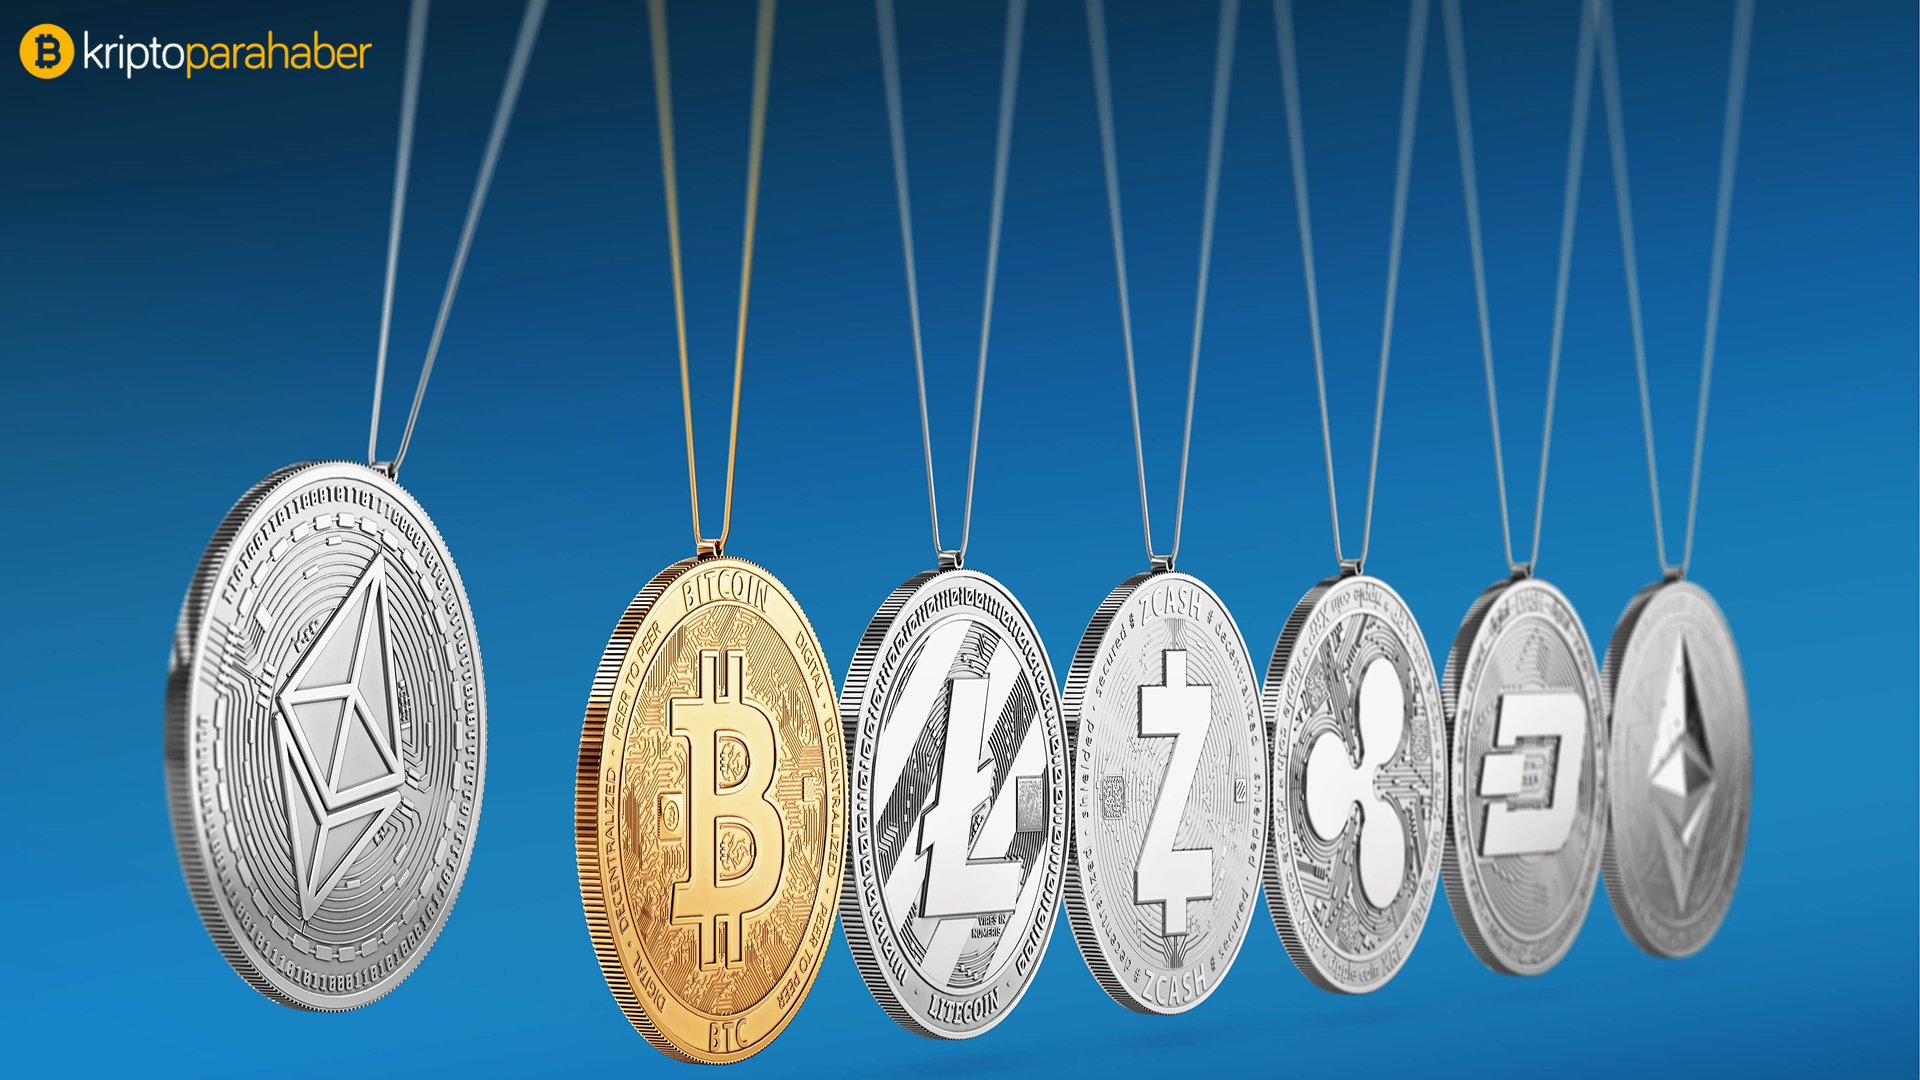 Doğru Bitcoin tahminleri ile ünlenen analistten çok çarpıcı altcoin tahmini